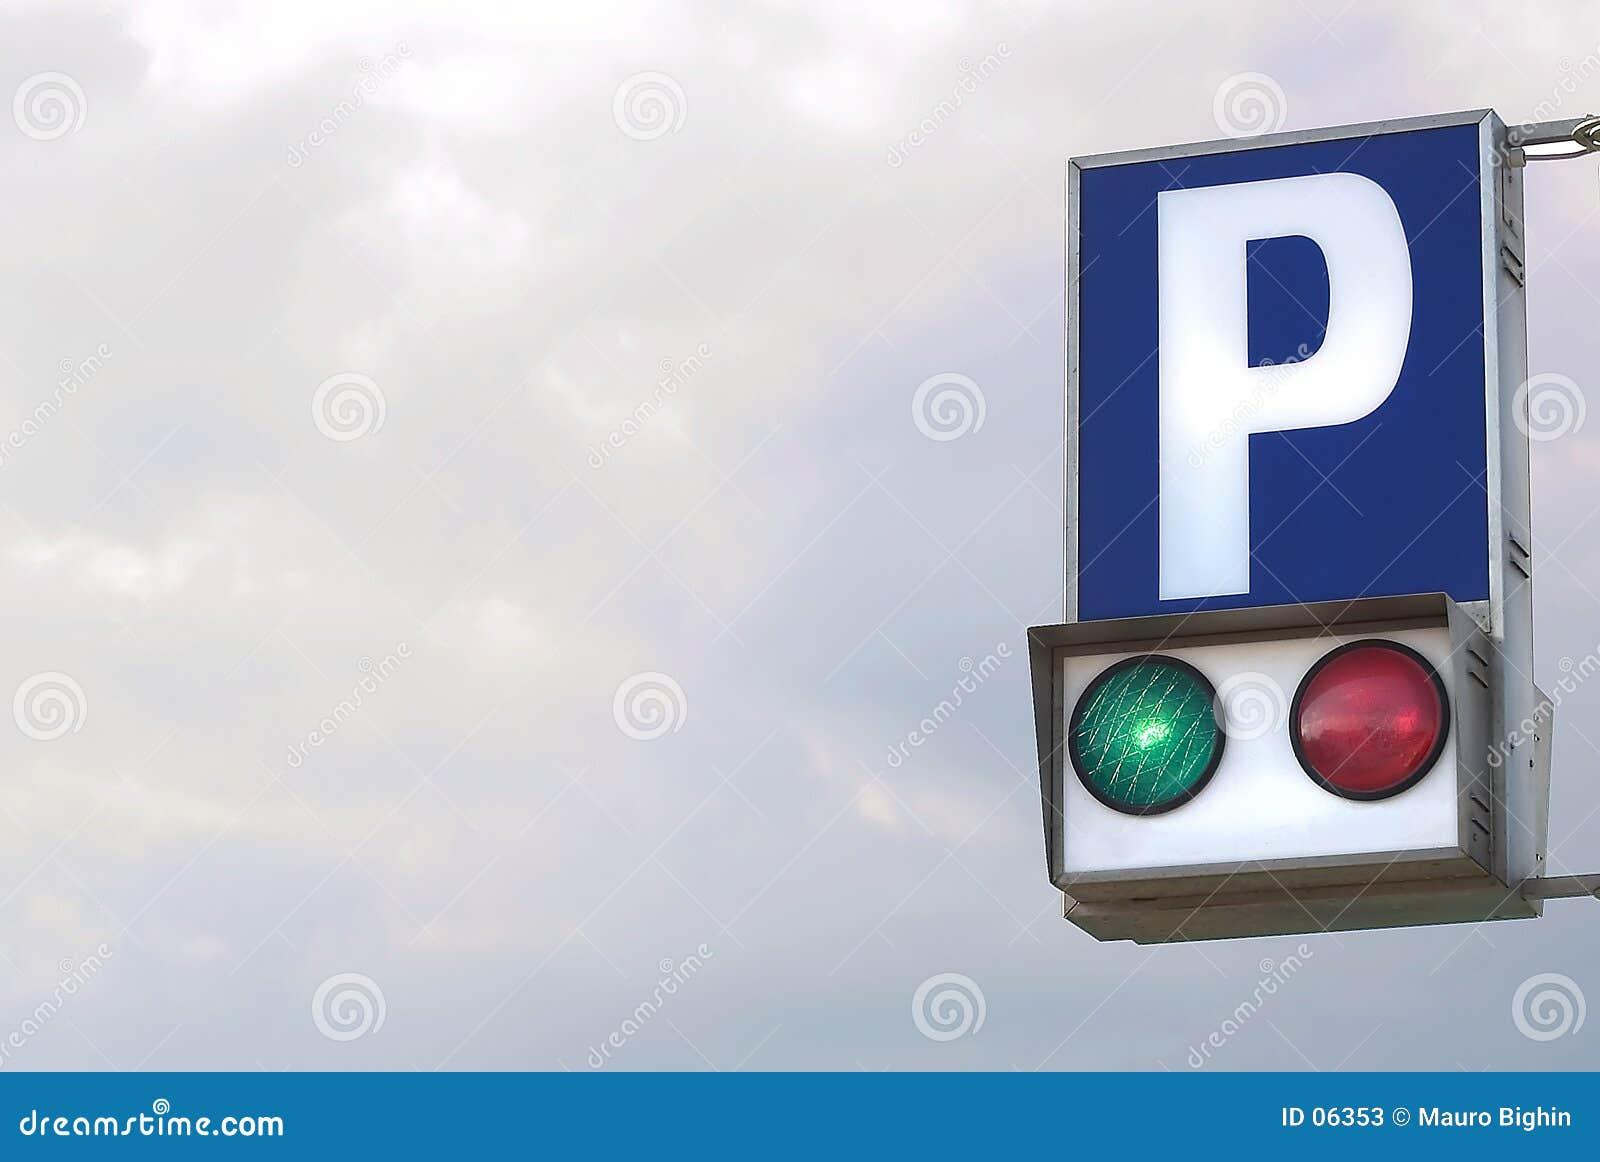 Parcheggio libero